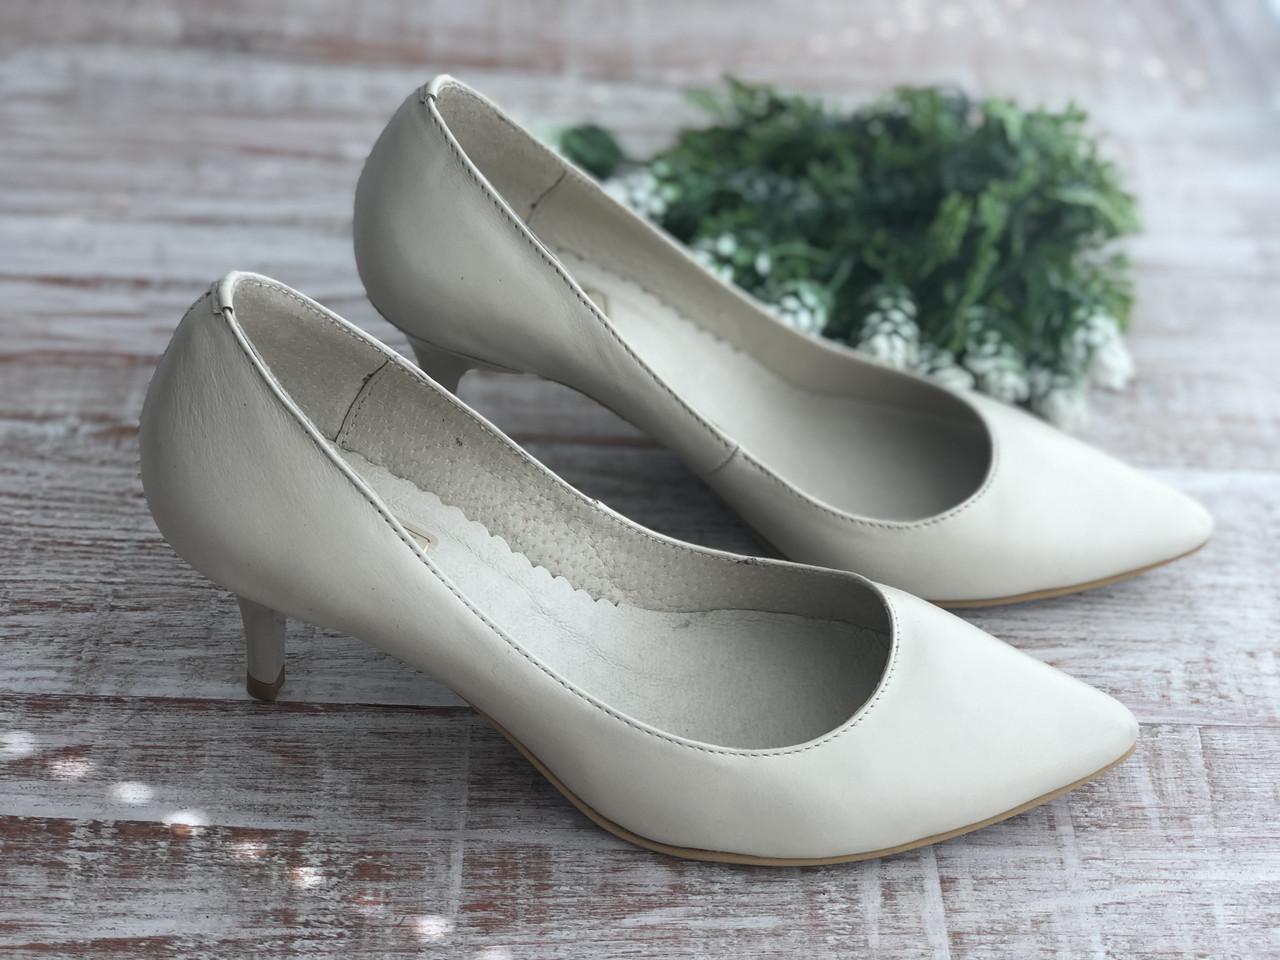 Кожаные женские туфли Sodis 6003 беж размеры 35-41